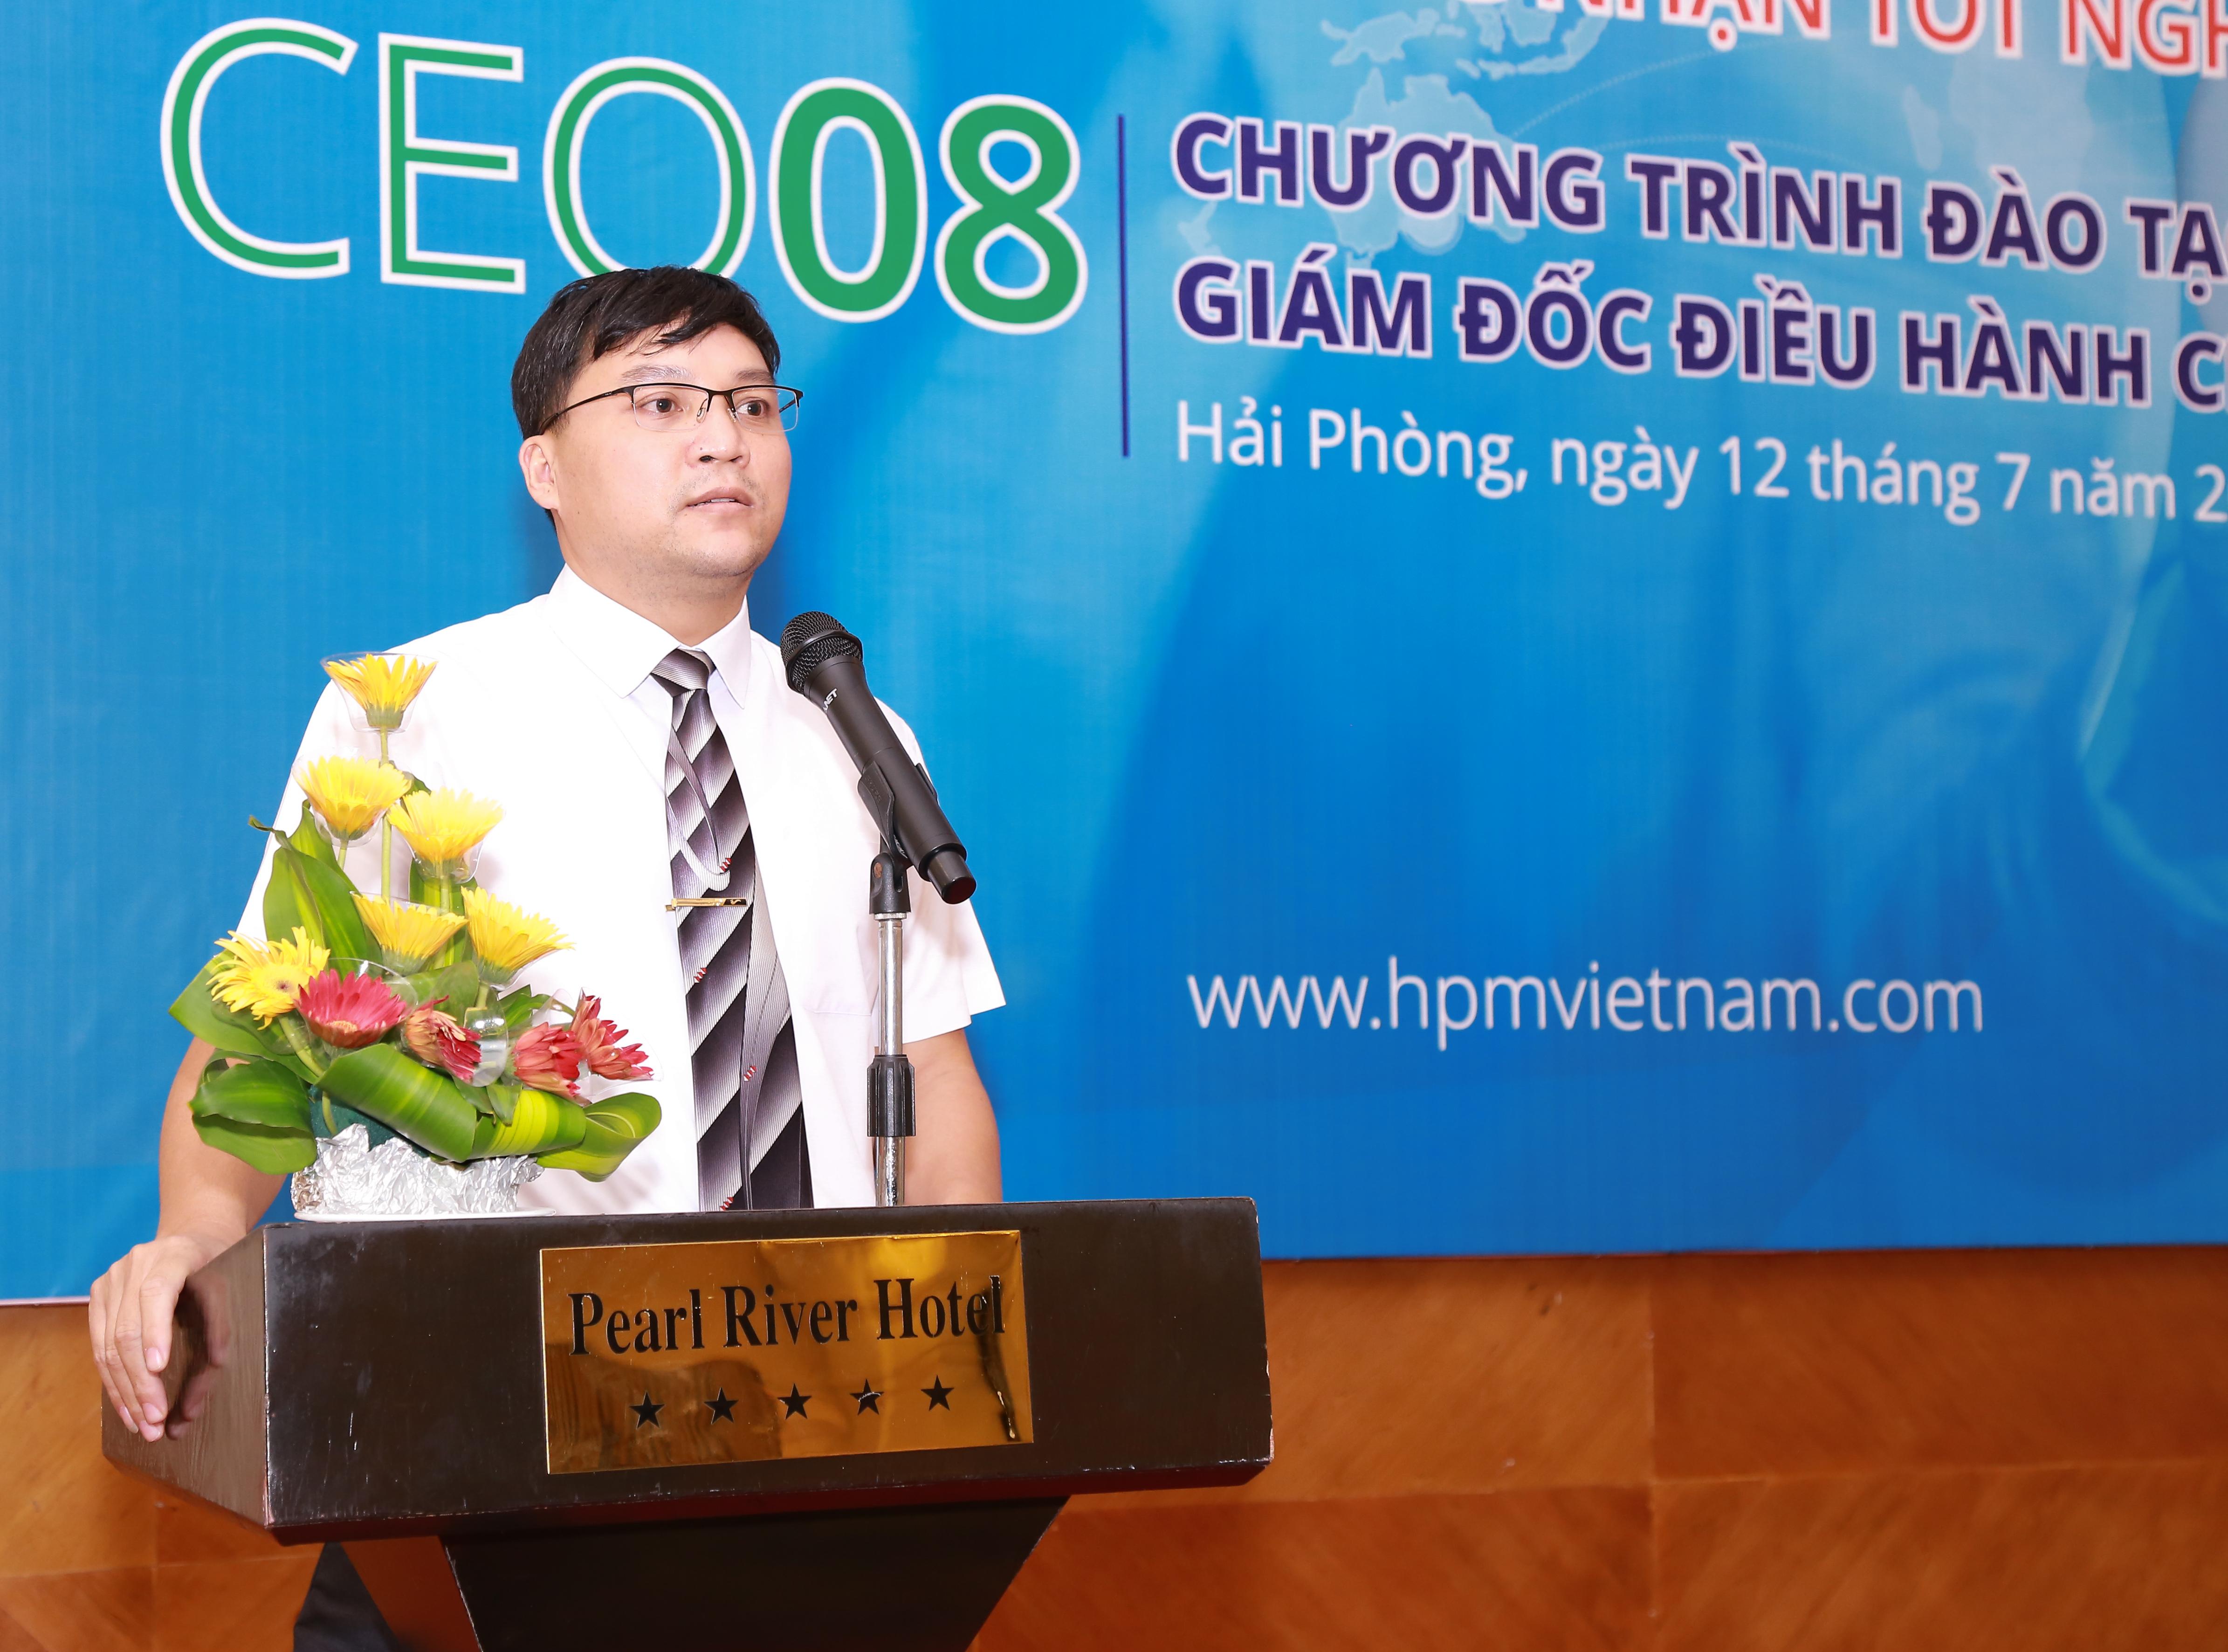 Ông Hoàng Văn Dinh 1221 Trần Nhân Tông, Kiến An, HP